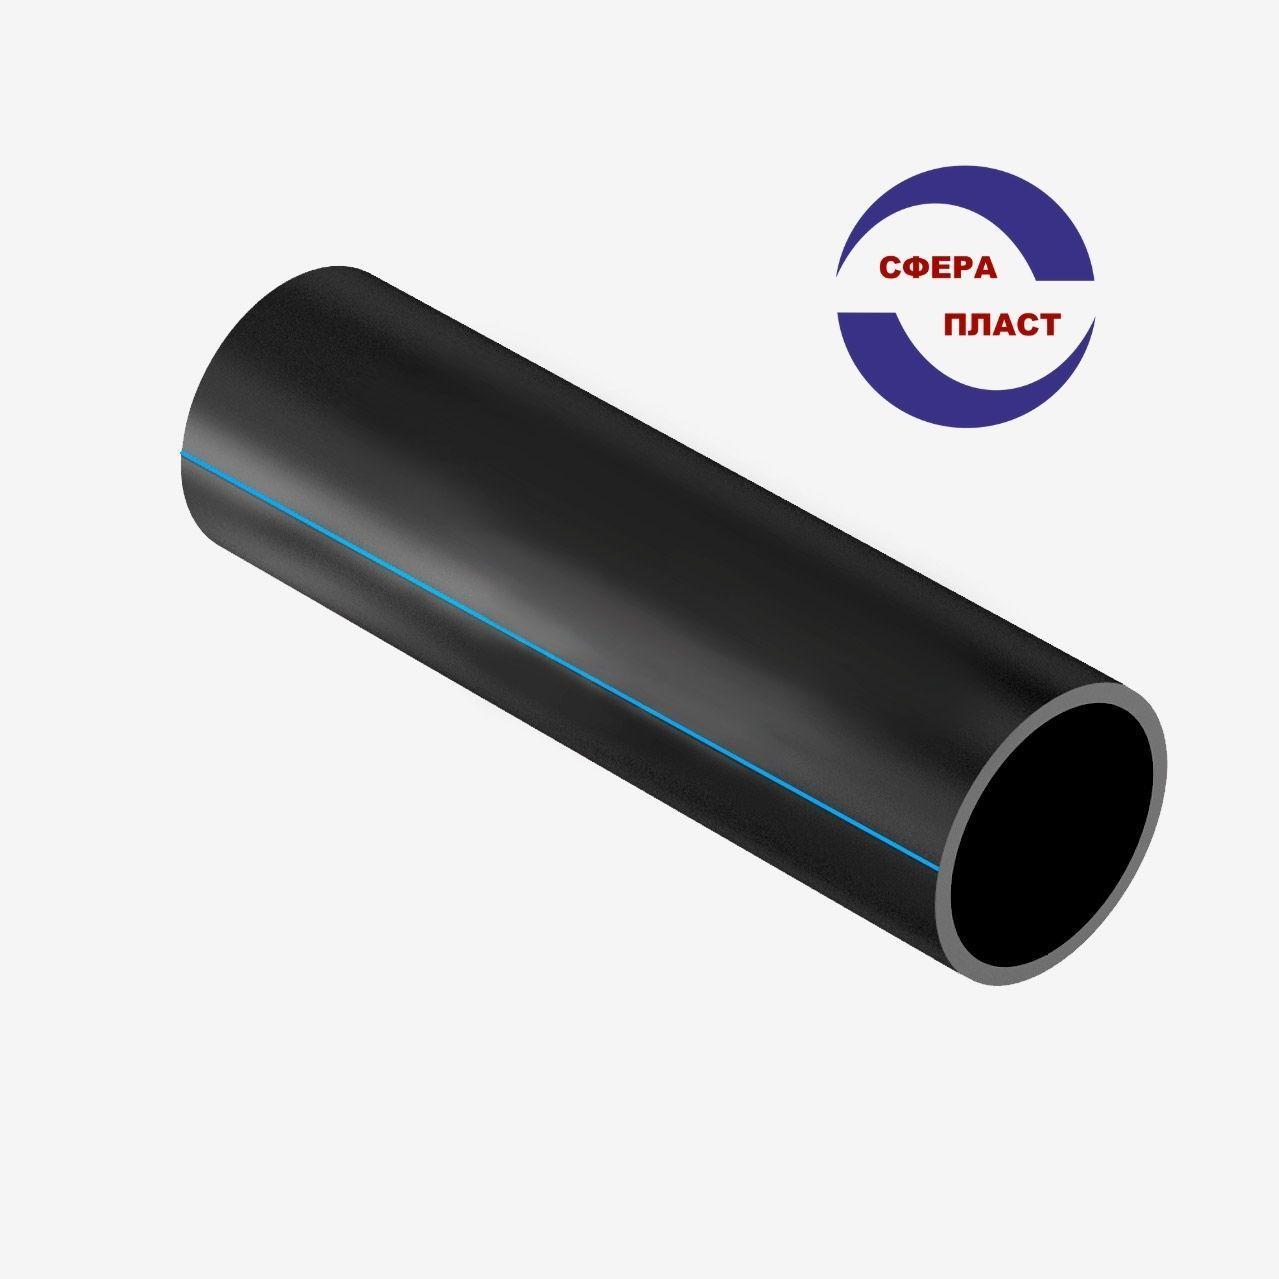 Труба Ду-315x15,0 SDR21 (8 атм) полиэтиленовая ПЭ-100